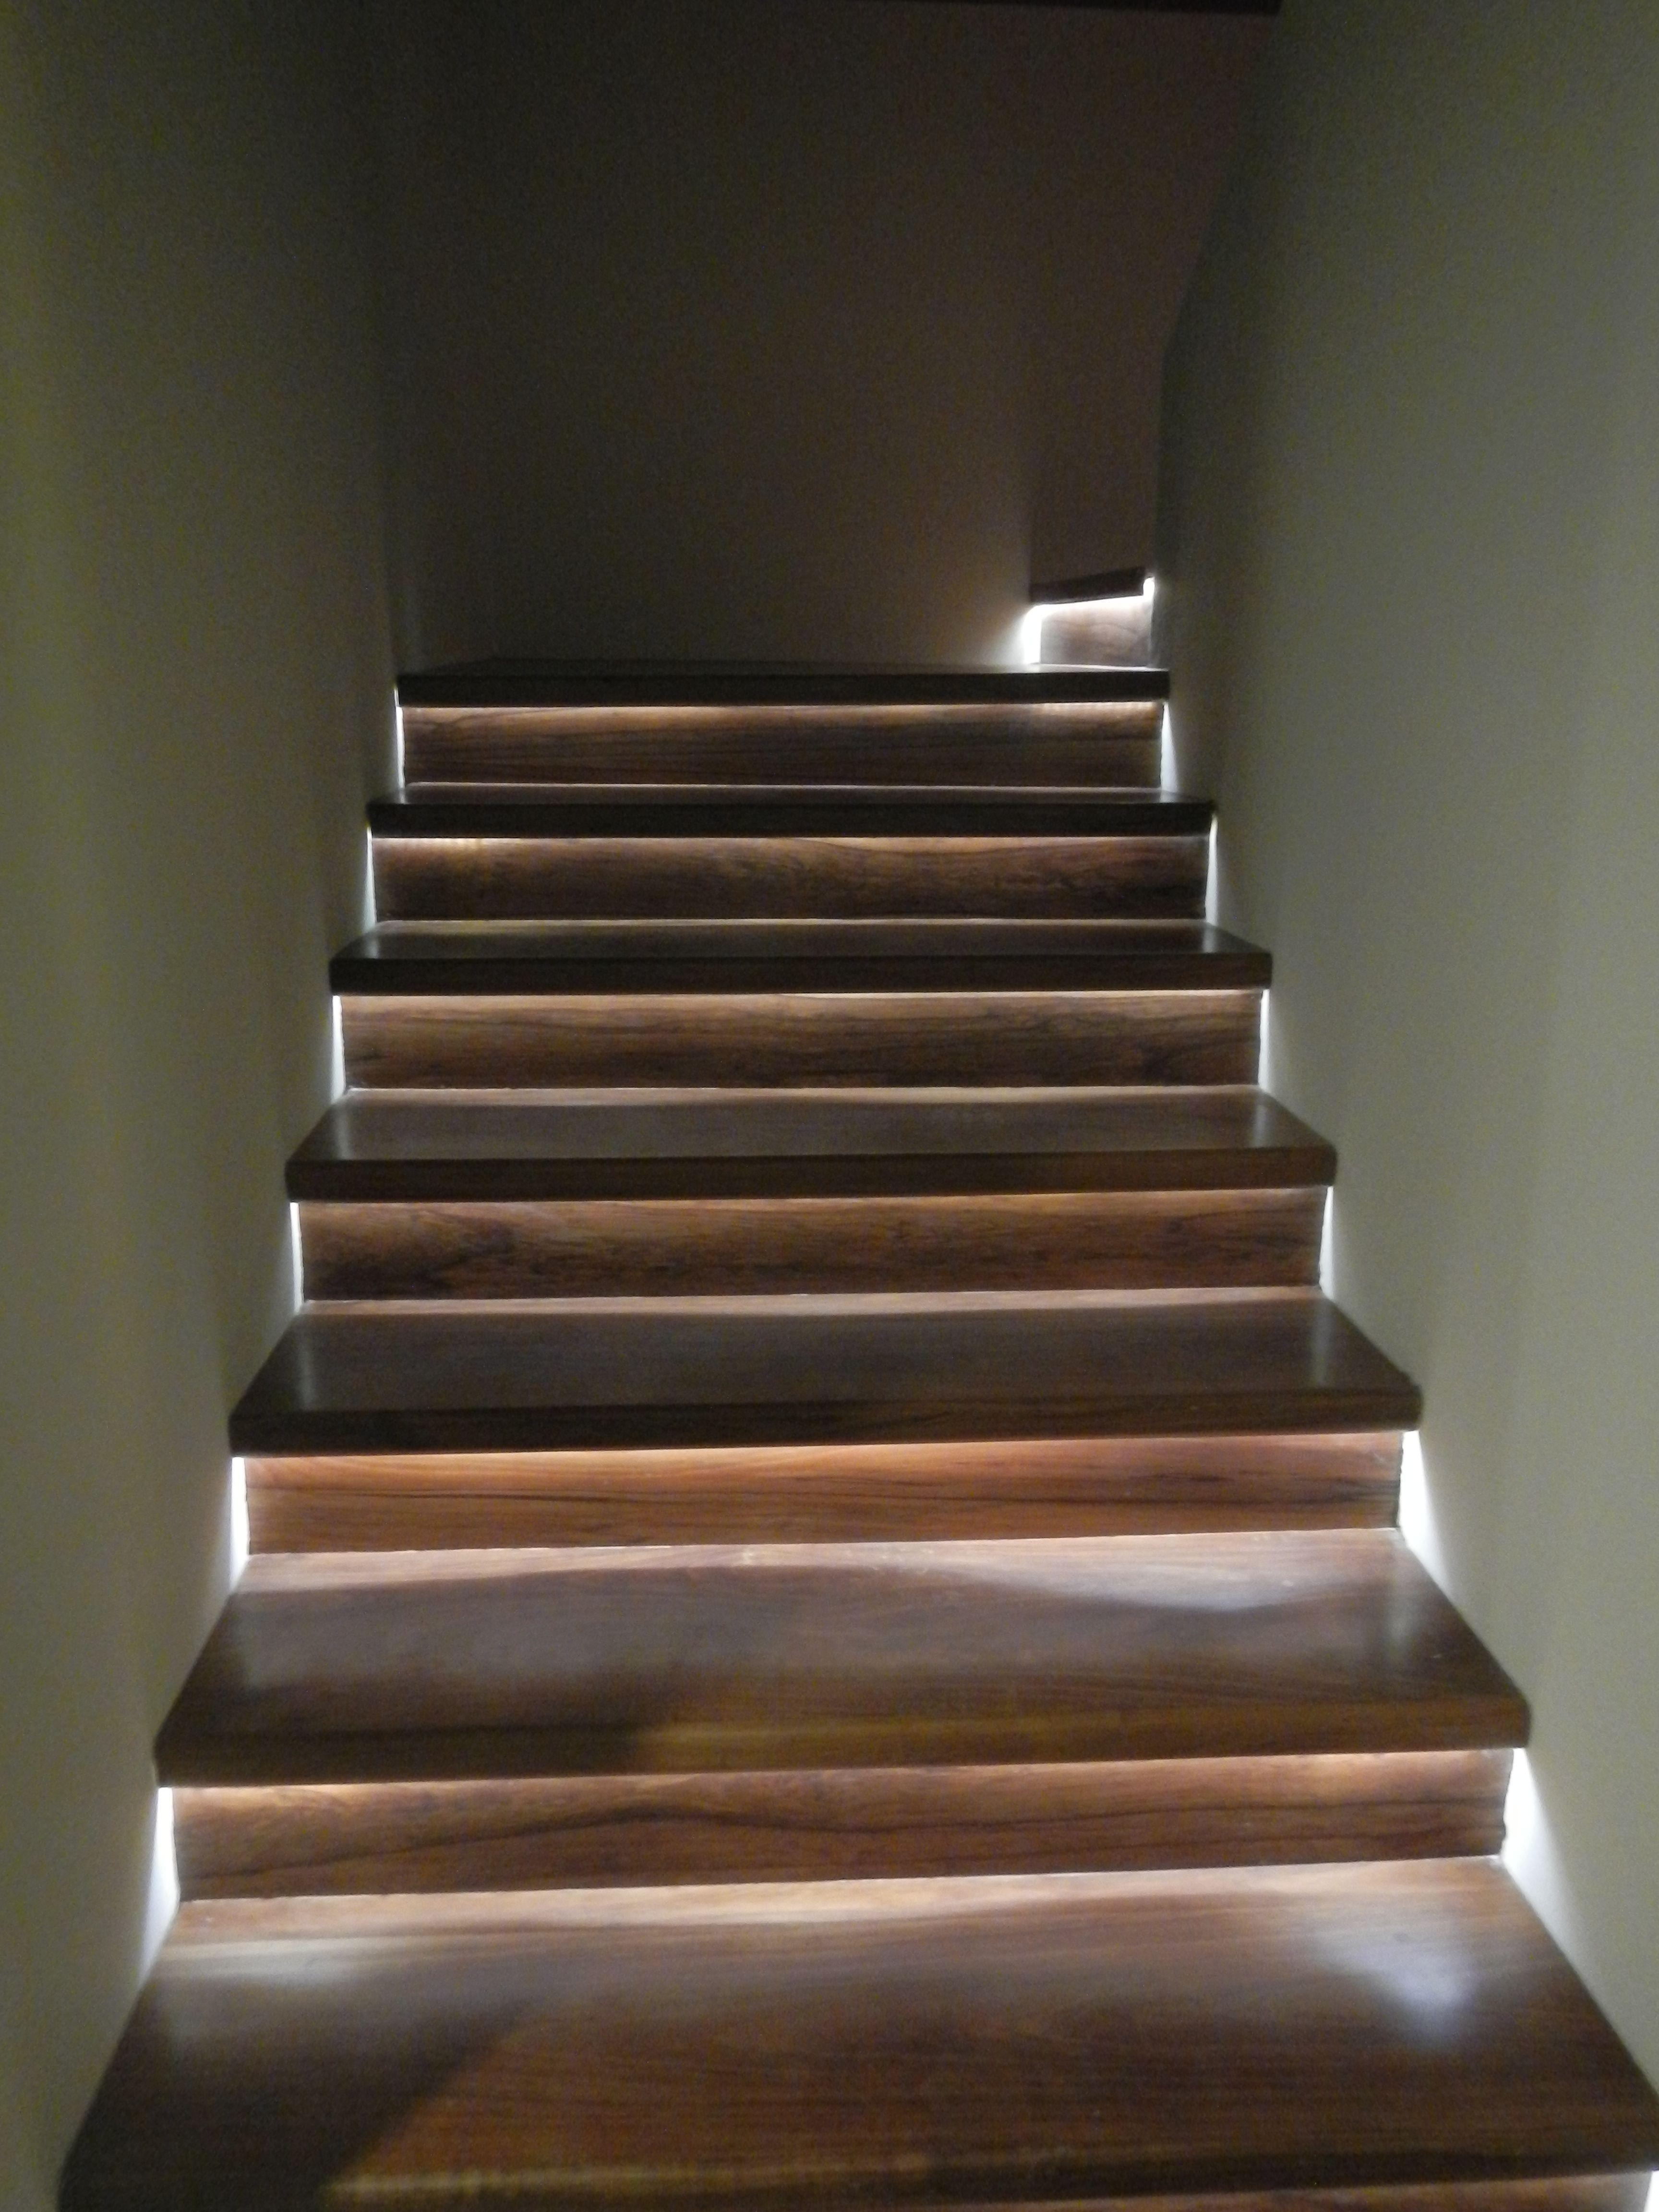 iluminaci n indirecta en los escalones de la escalera con